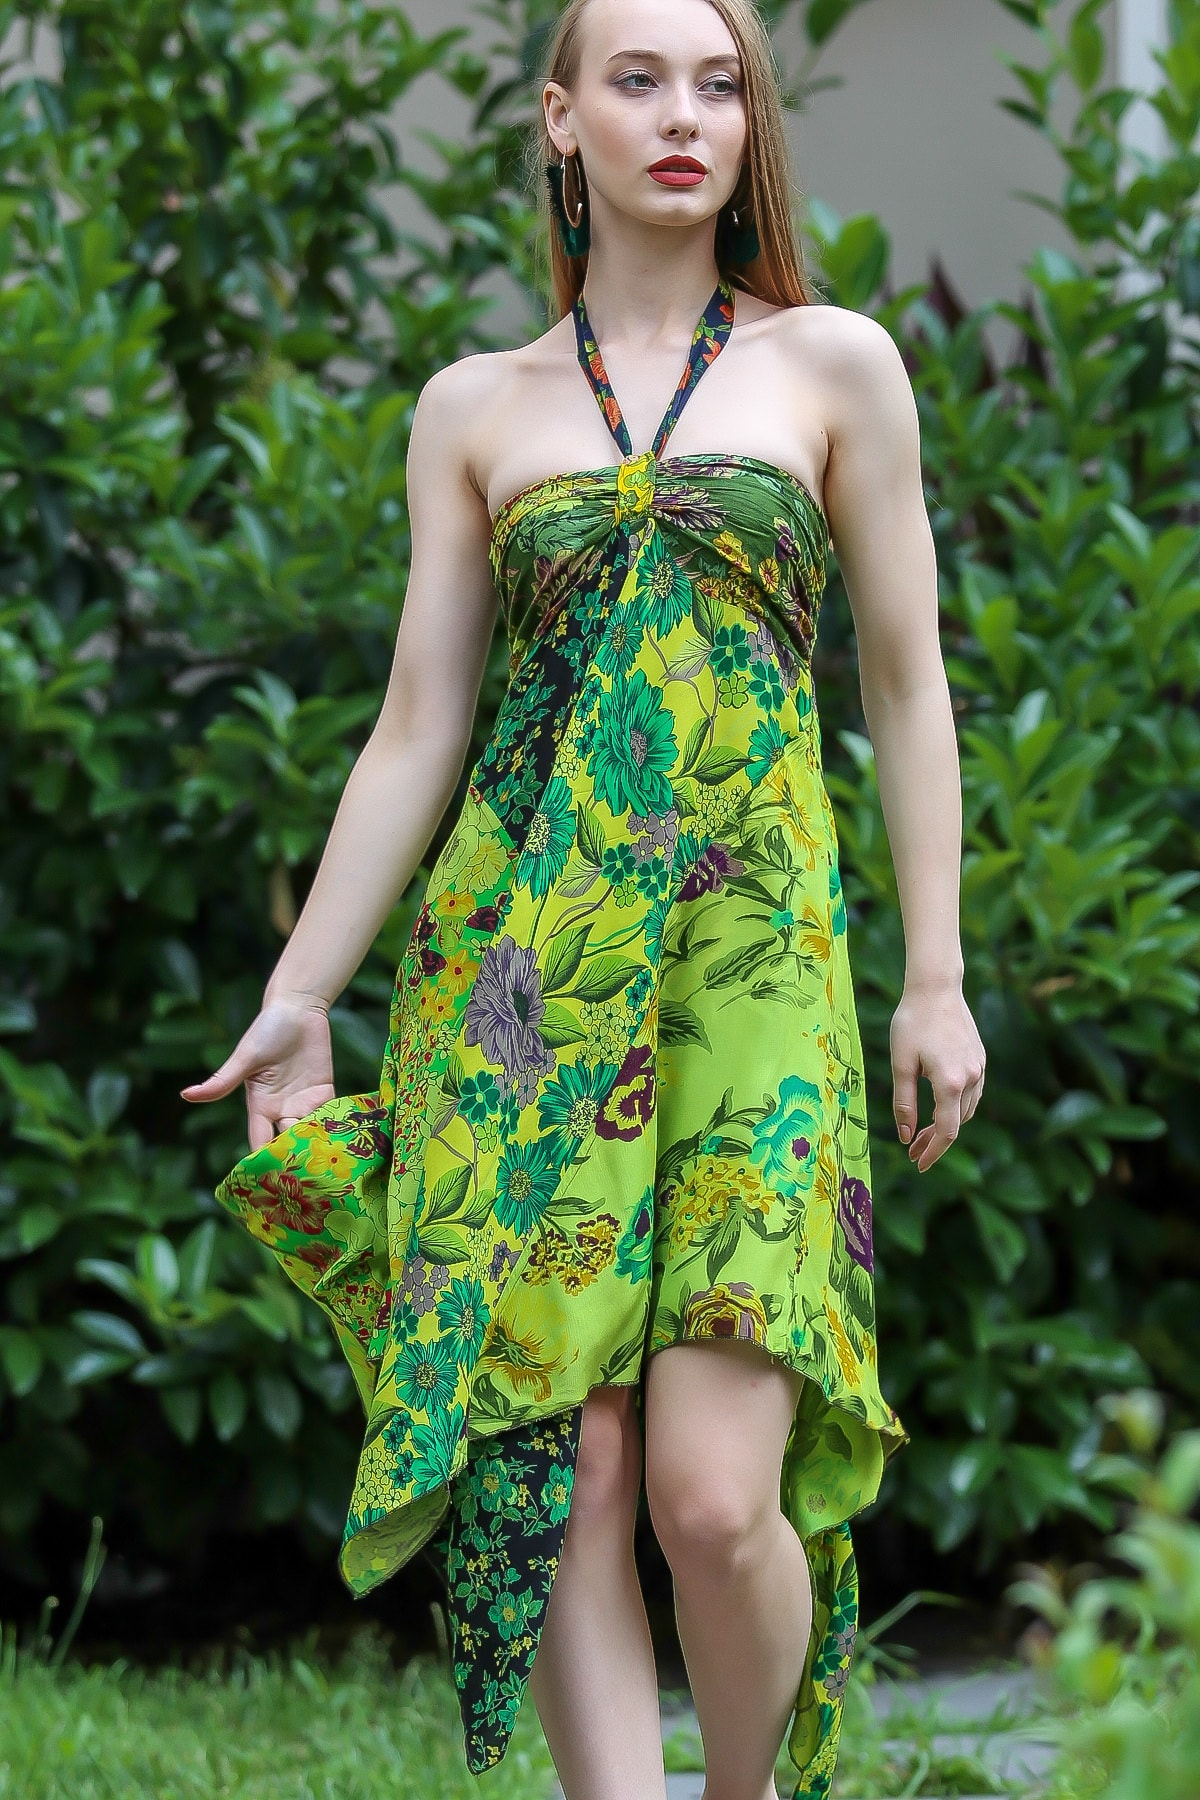 Chiccy Kadın Yeşil Bohem Straplez Boyundan Bağlamalı Patch Work Çiçekli Asimetrik Elbise M10160000EL96642 1